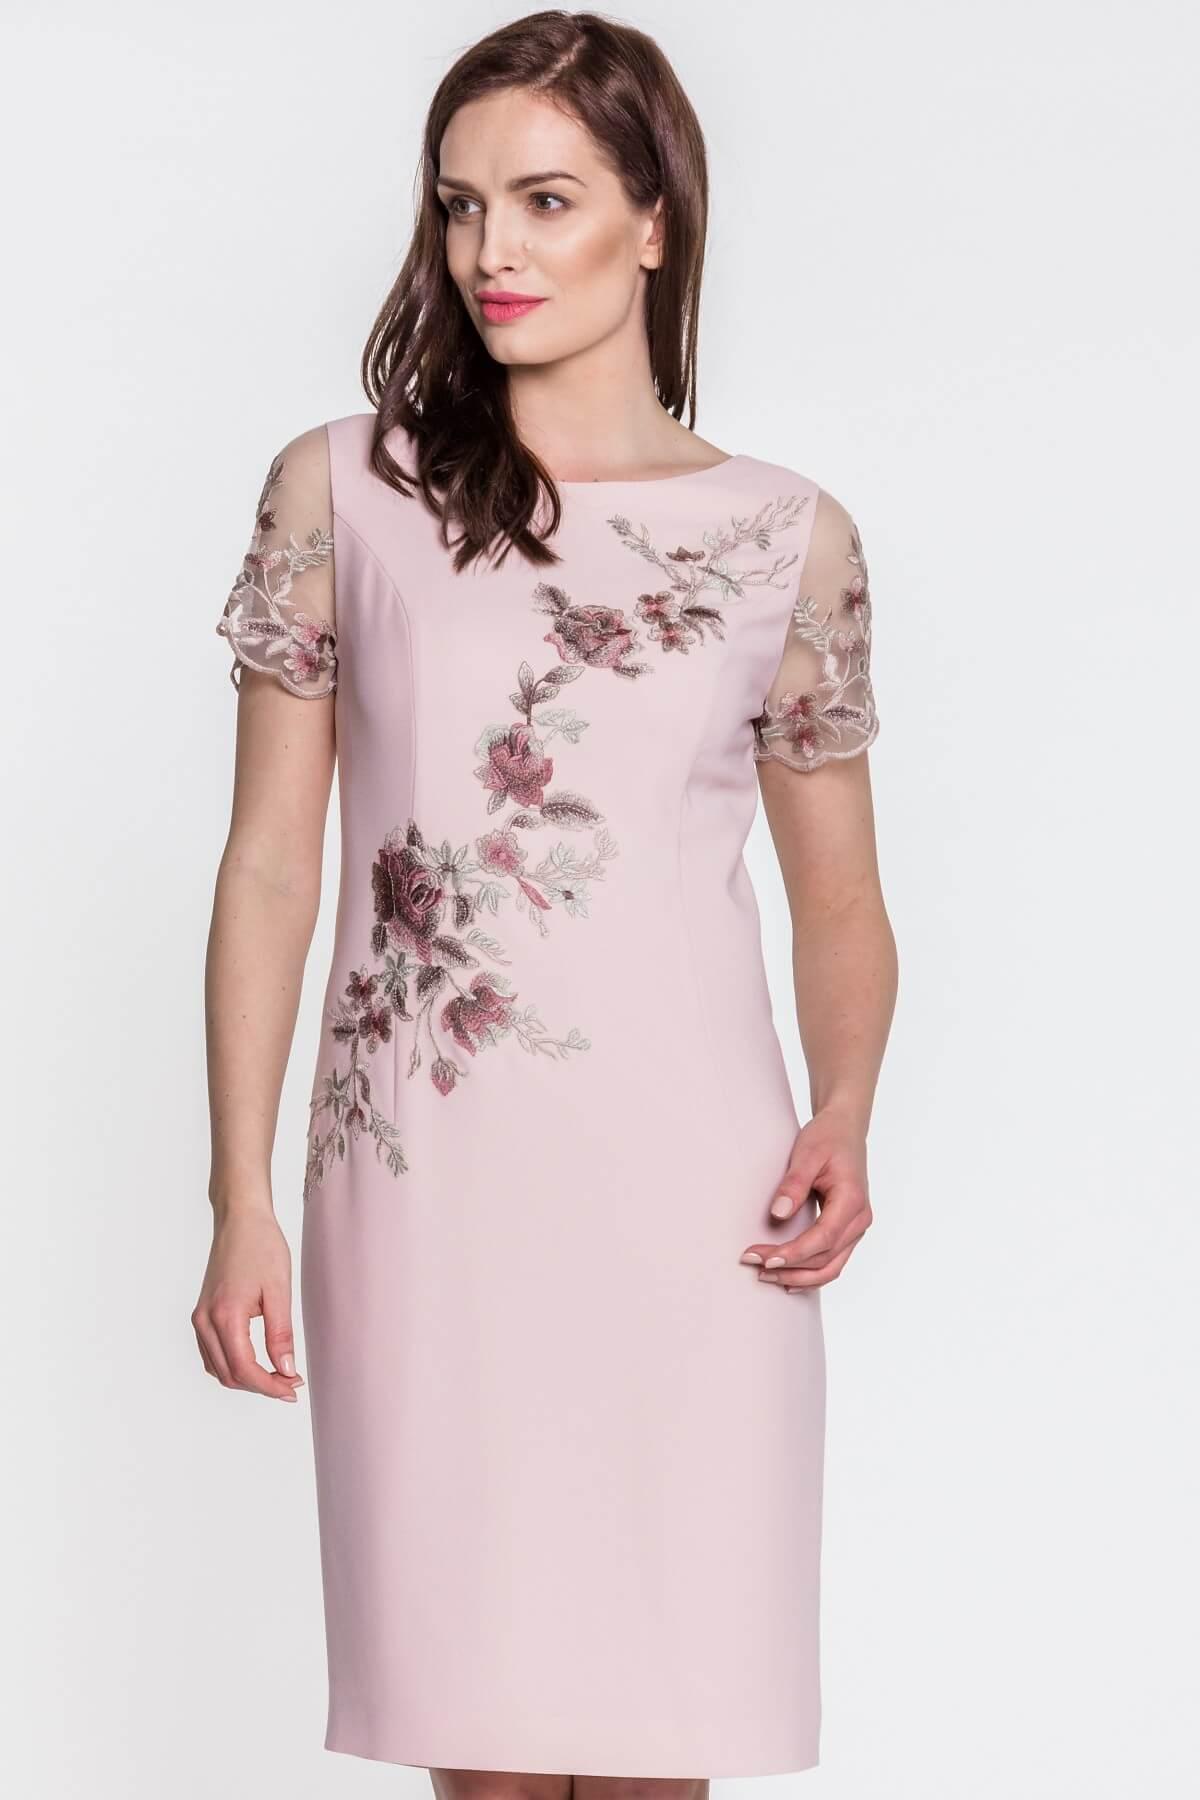 a41c58f86c Róż – kolor idealny dla kobiet w każdym wieku. Jak go nosić